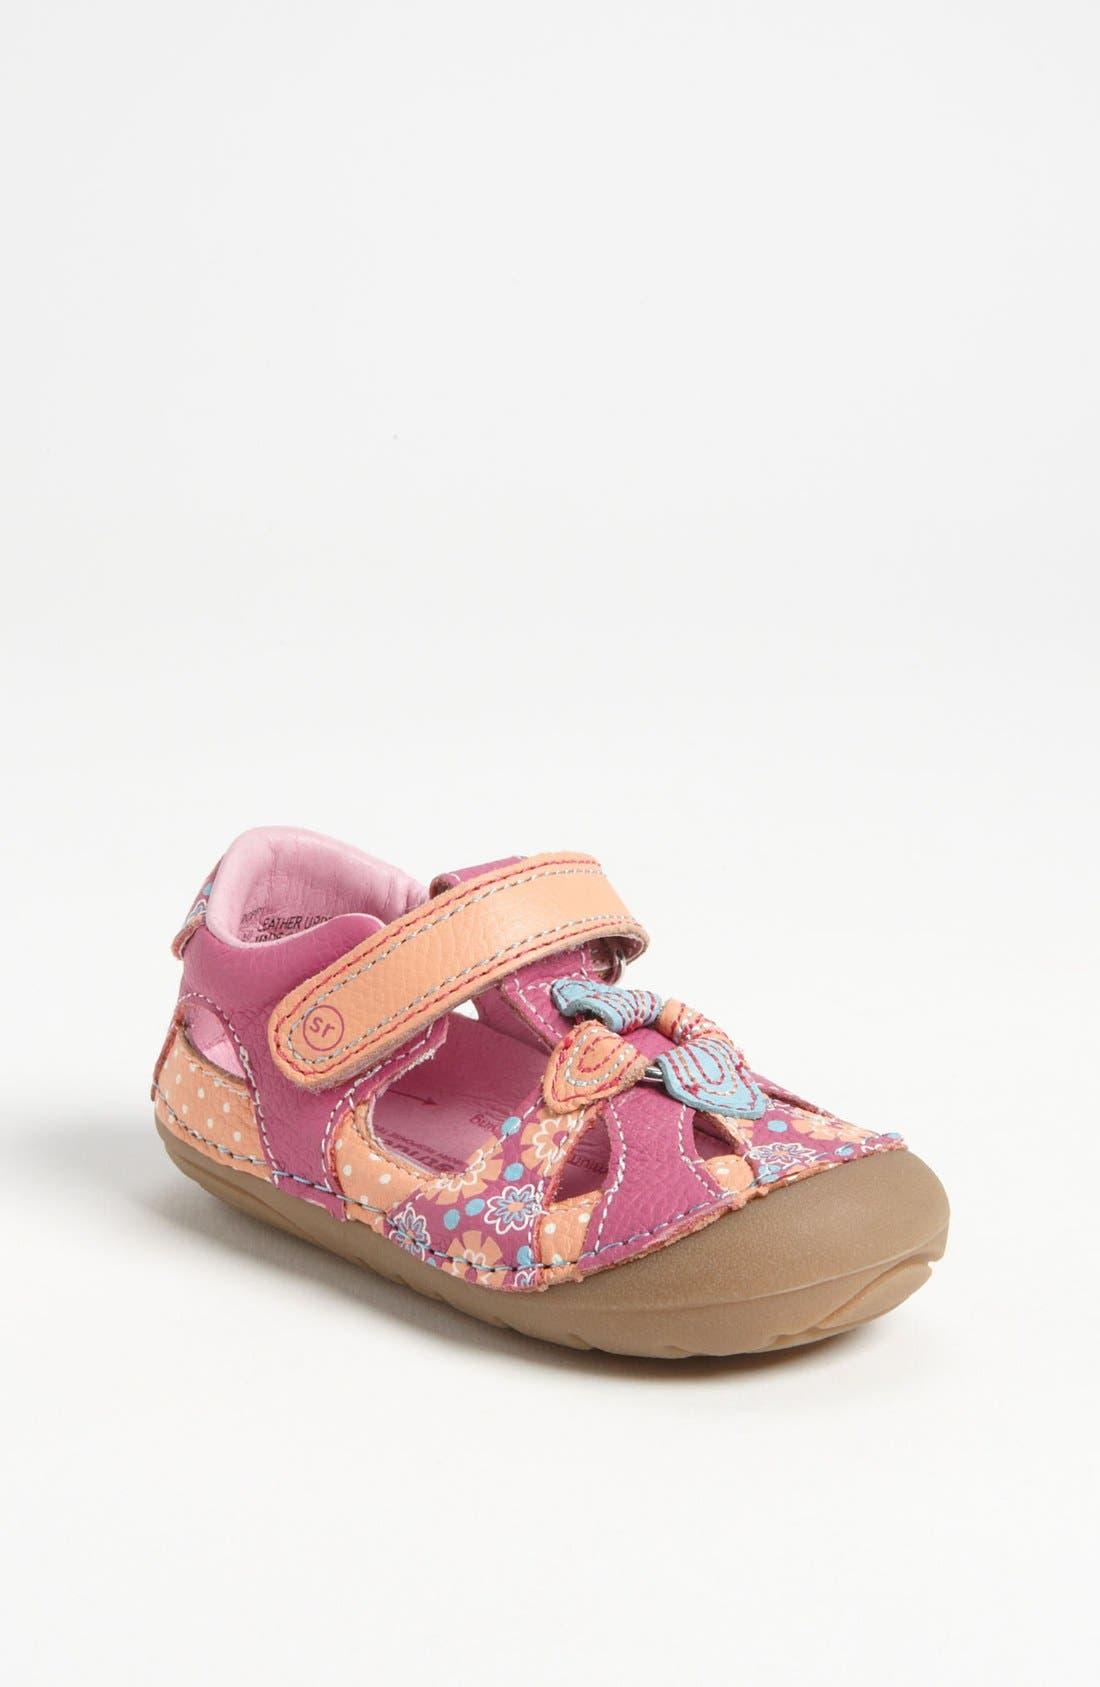 Alternate Image 1 Selected - Stride Rite 'Poppy' Sandal (Baby & Walker)